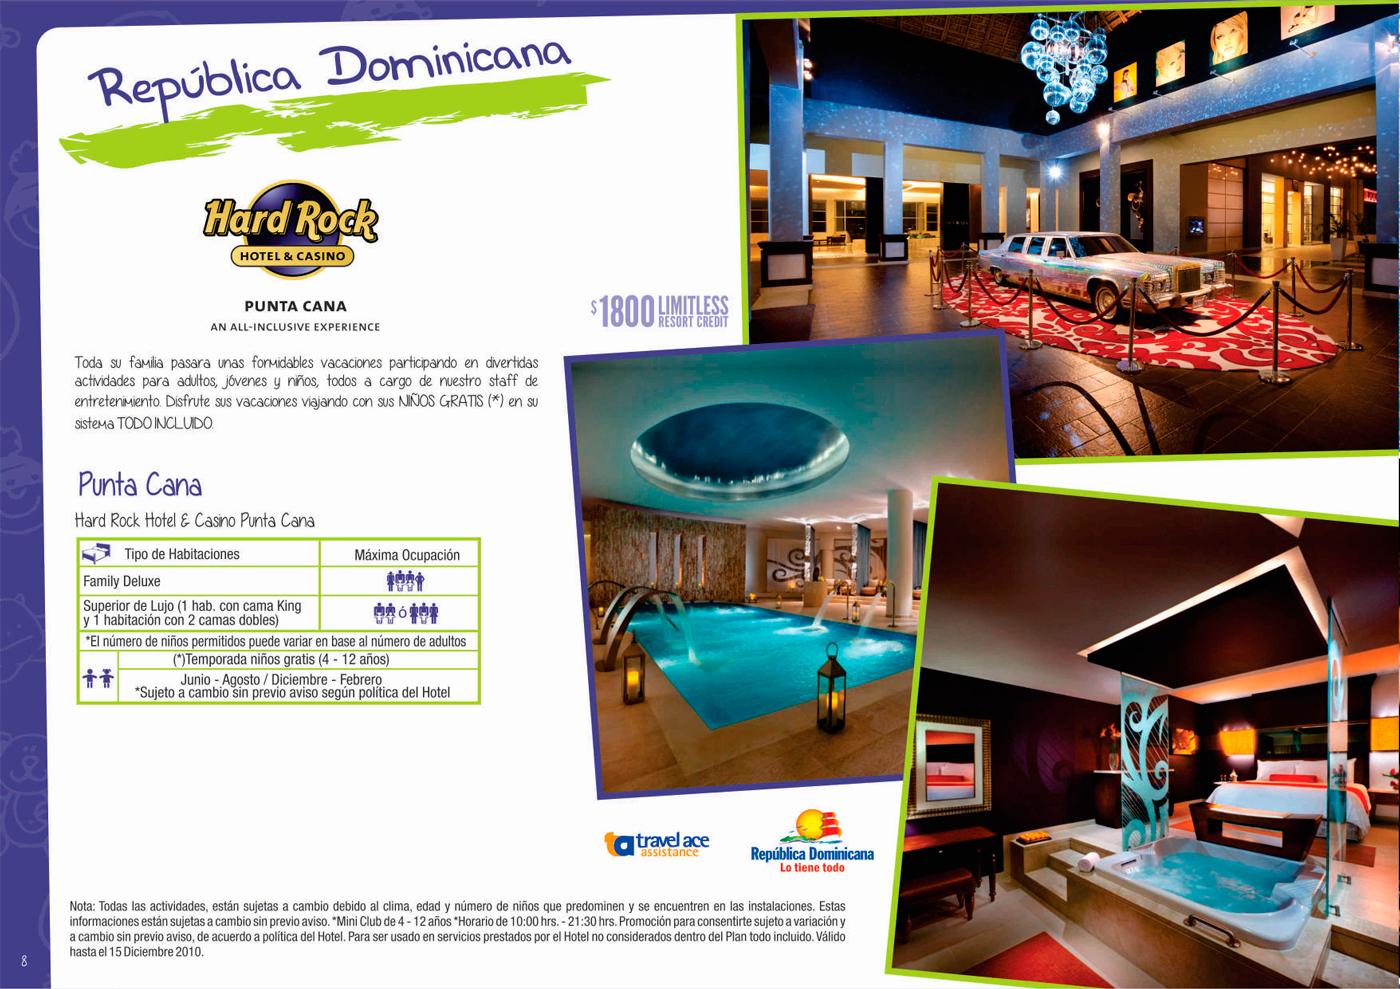 Vacaciones familiares con hoteles Hard Rock Punta Cana